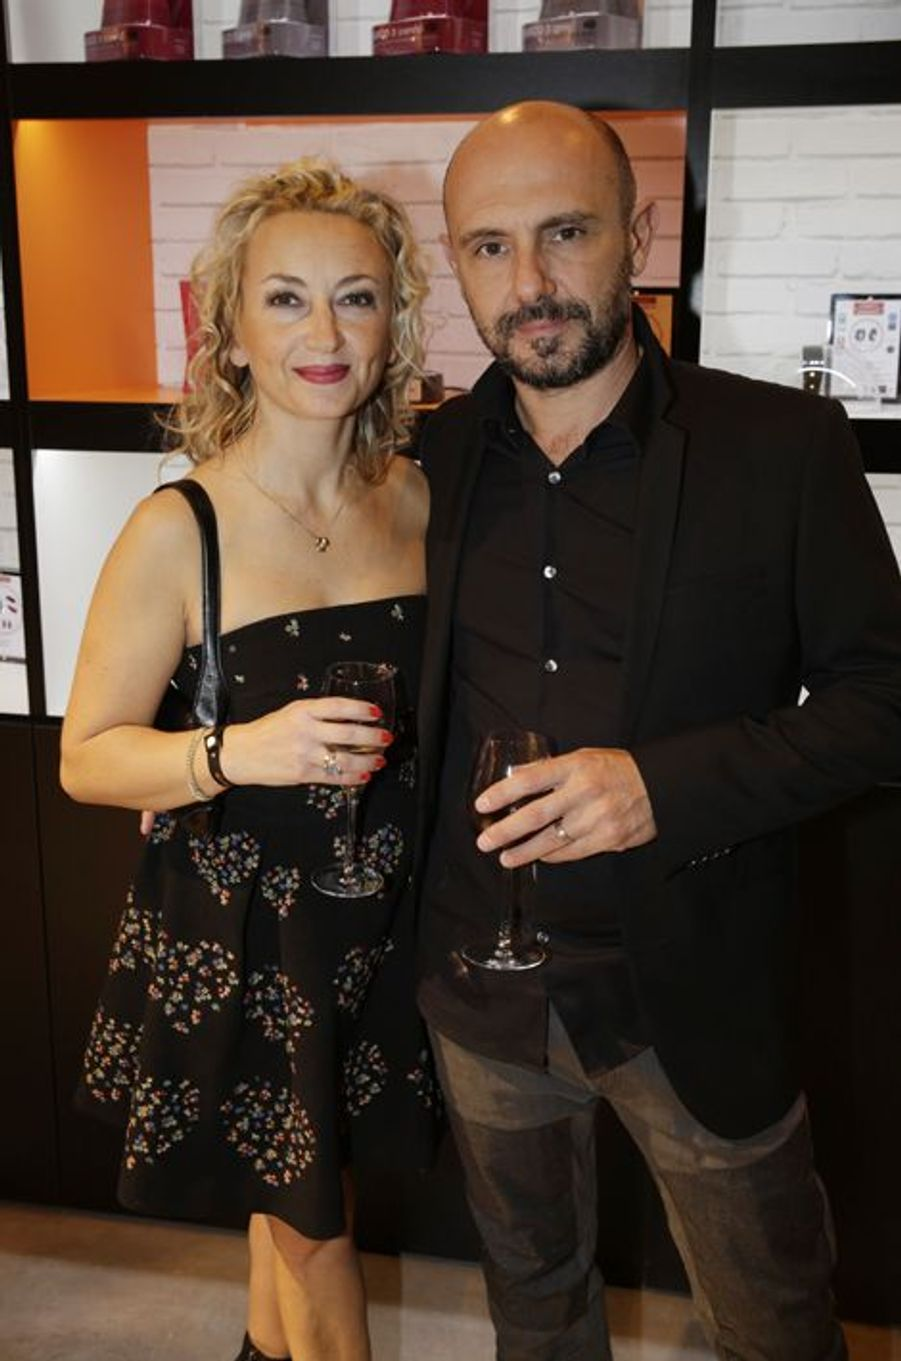 Christelle Chollet et son mari au Salon de l'Automobile 2014 à Paris le 2 octobre 2014